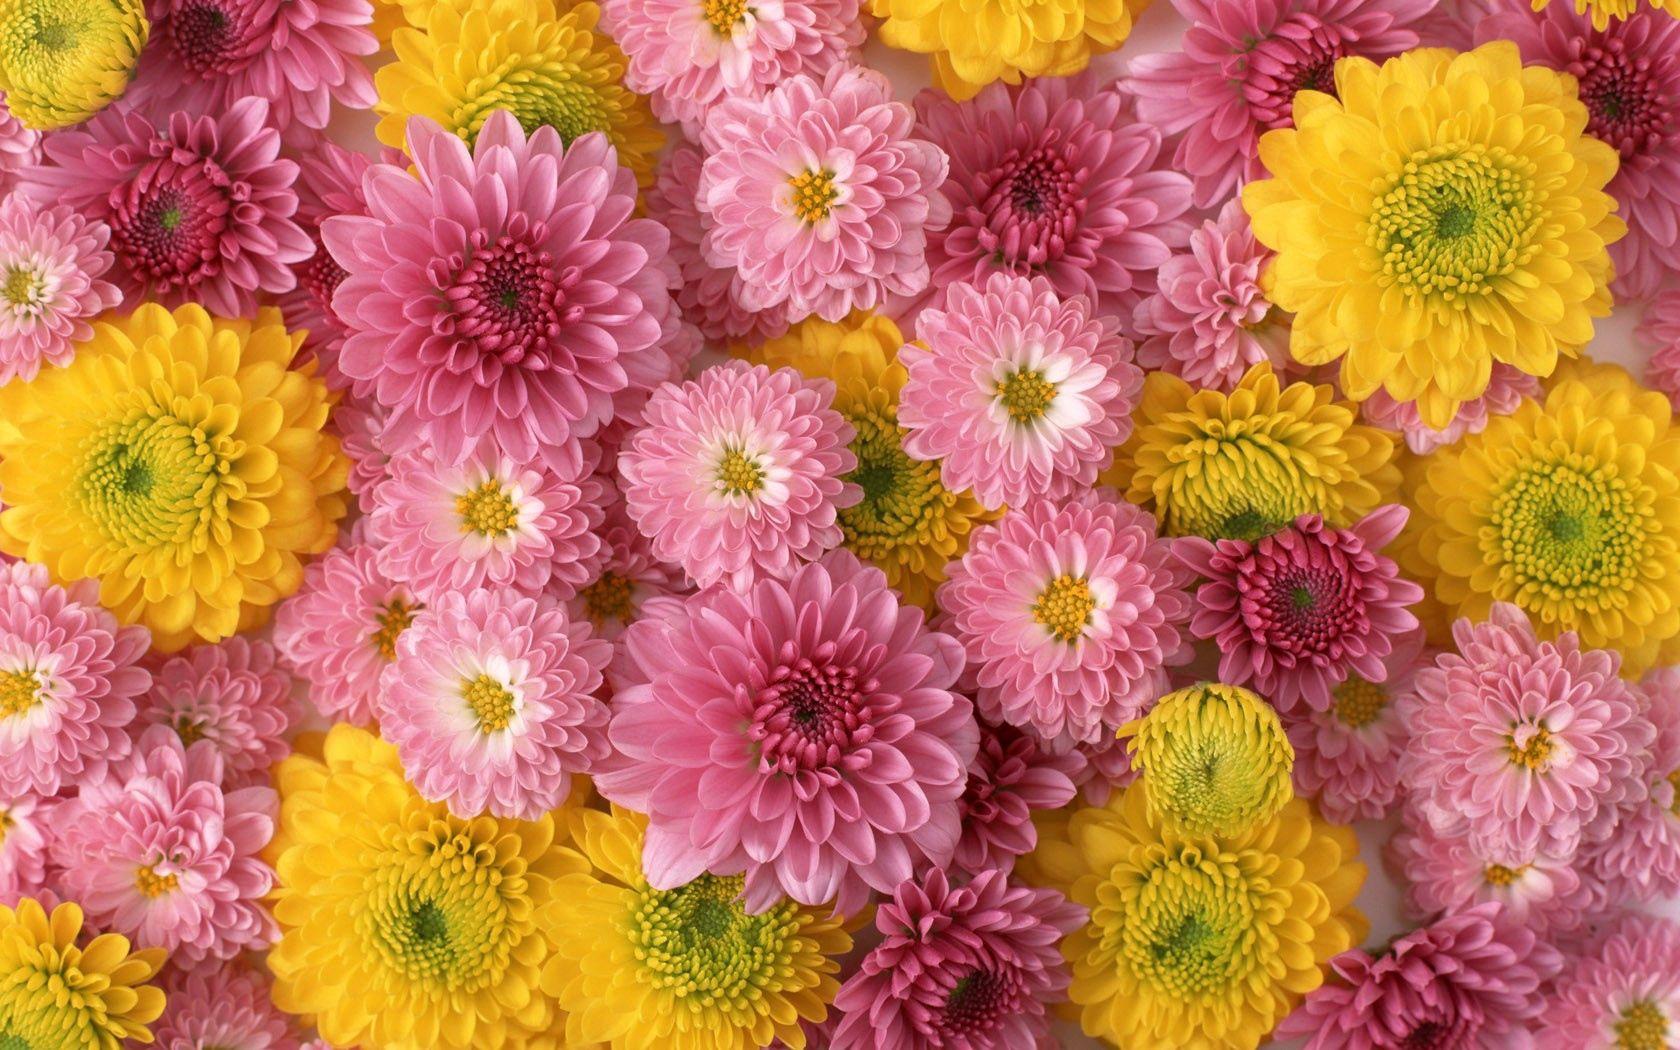 134593 скачать обои Цветы, Бутоны, Розовые, Композиция, Хризантемы - заставки и картинки бесплатно